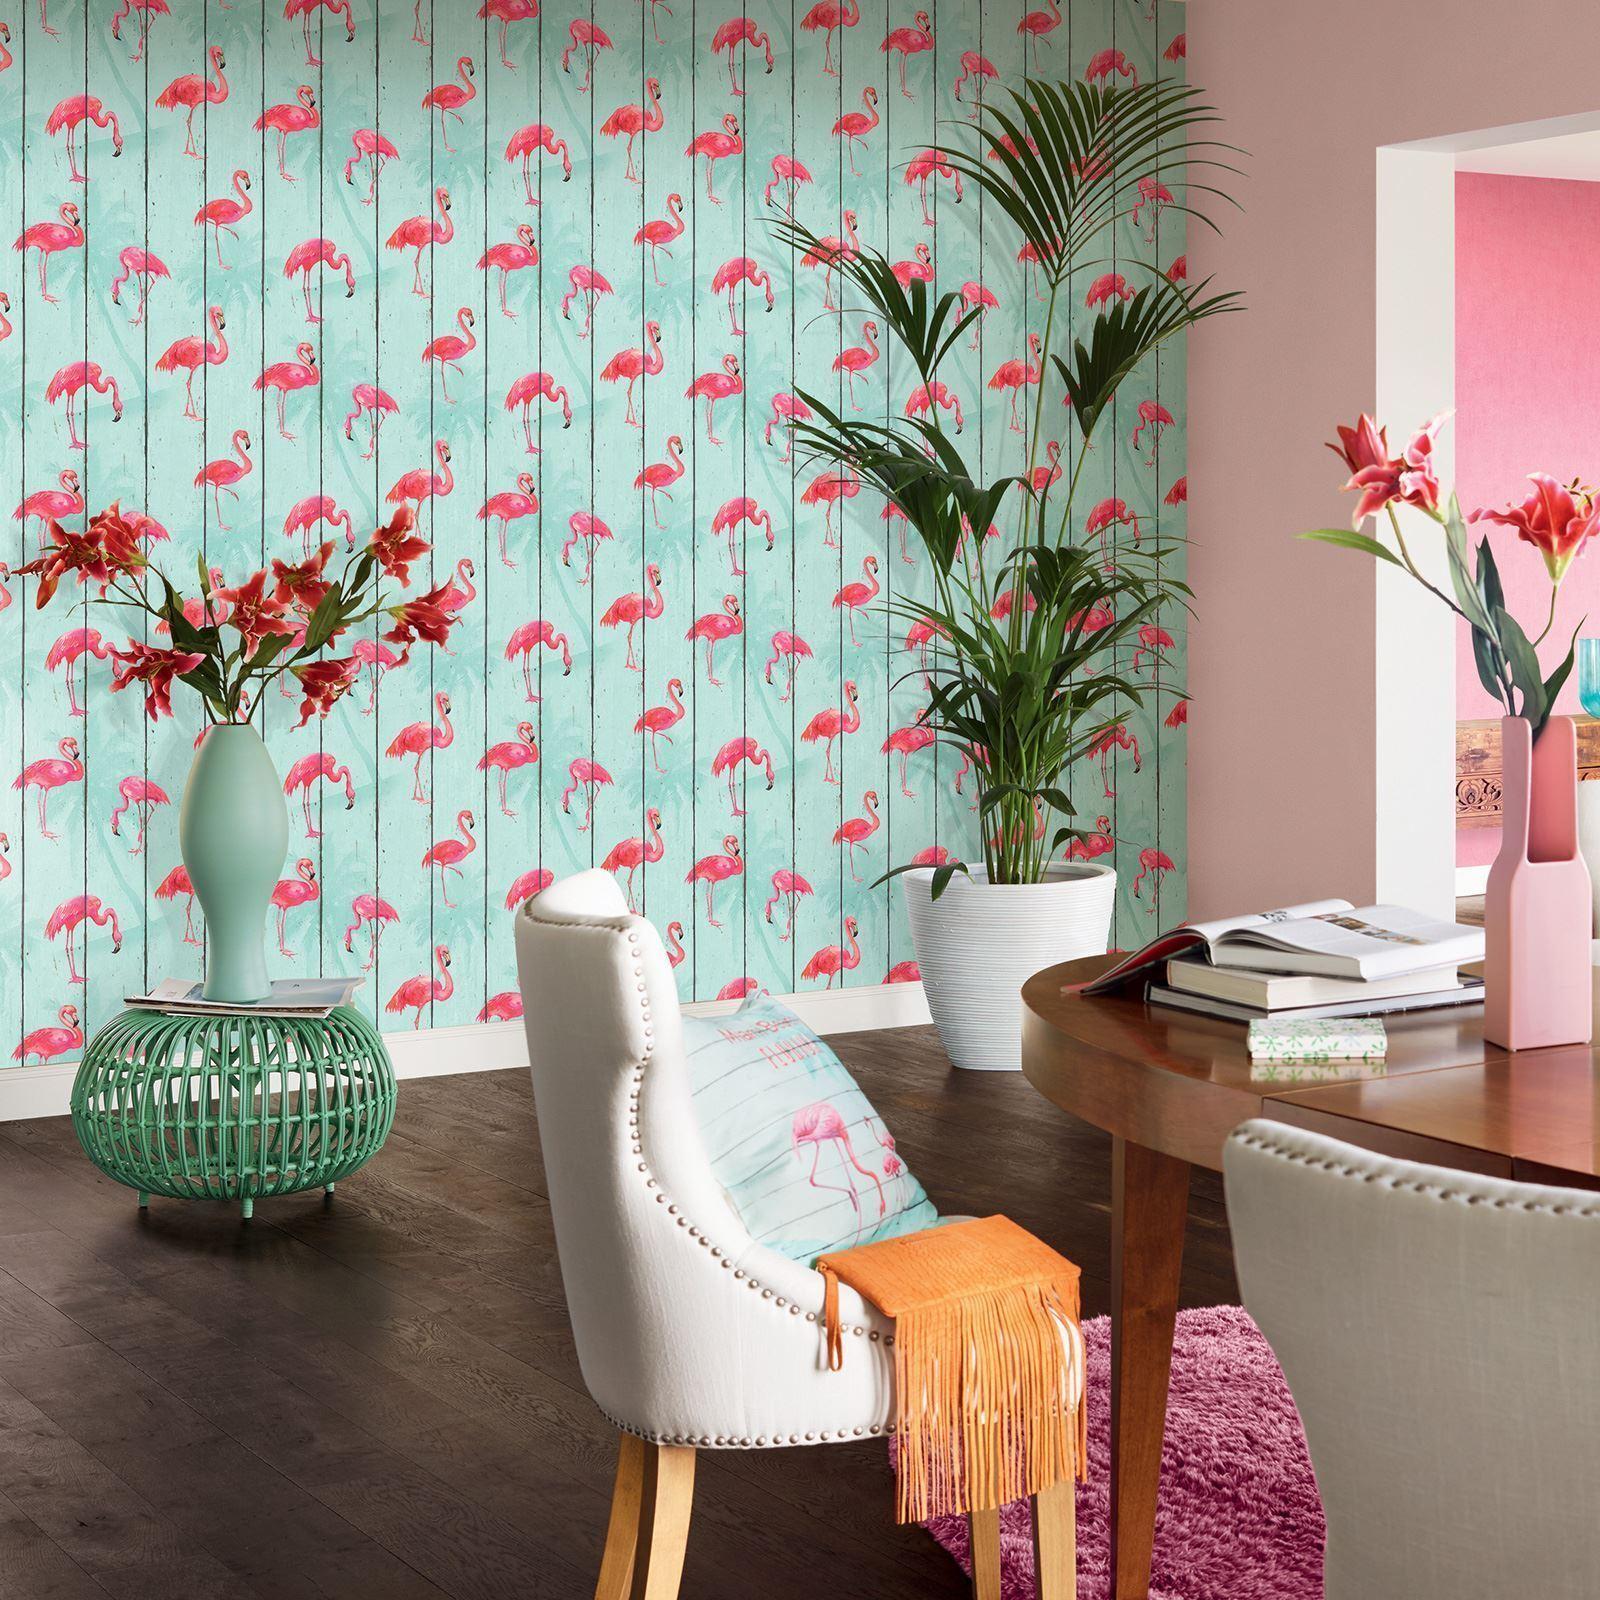 $ 57 - Tapete Flamingo